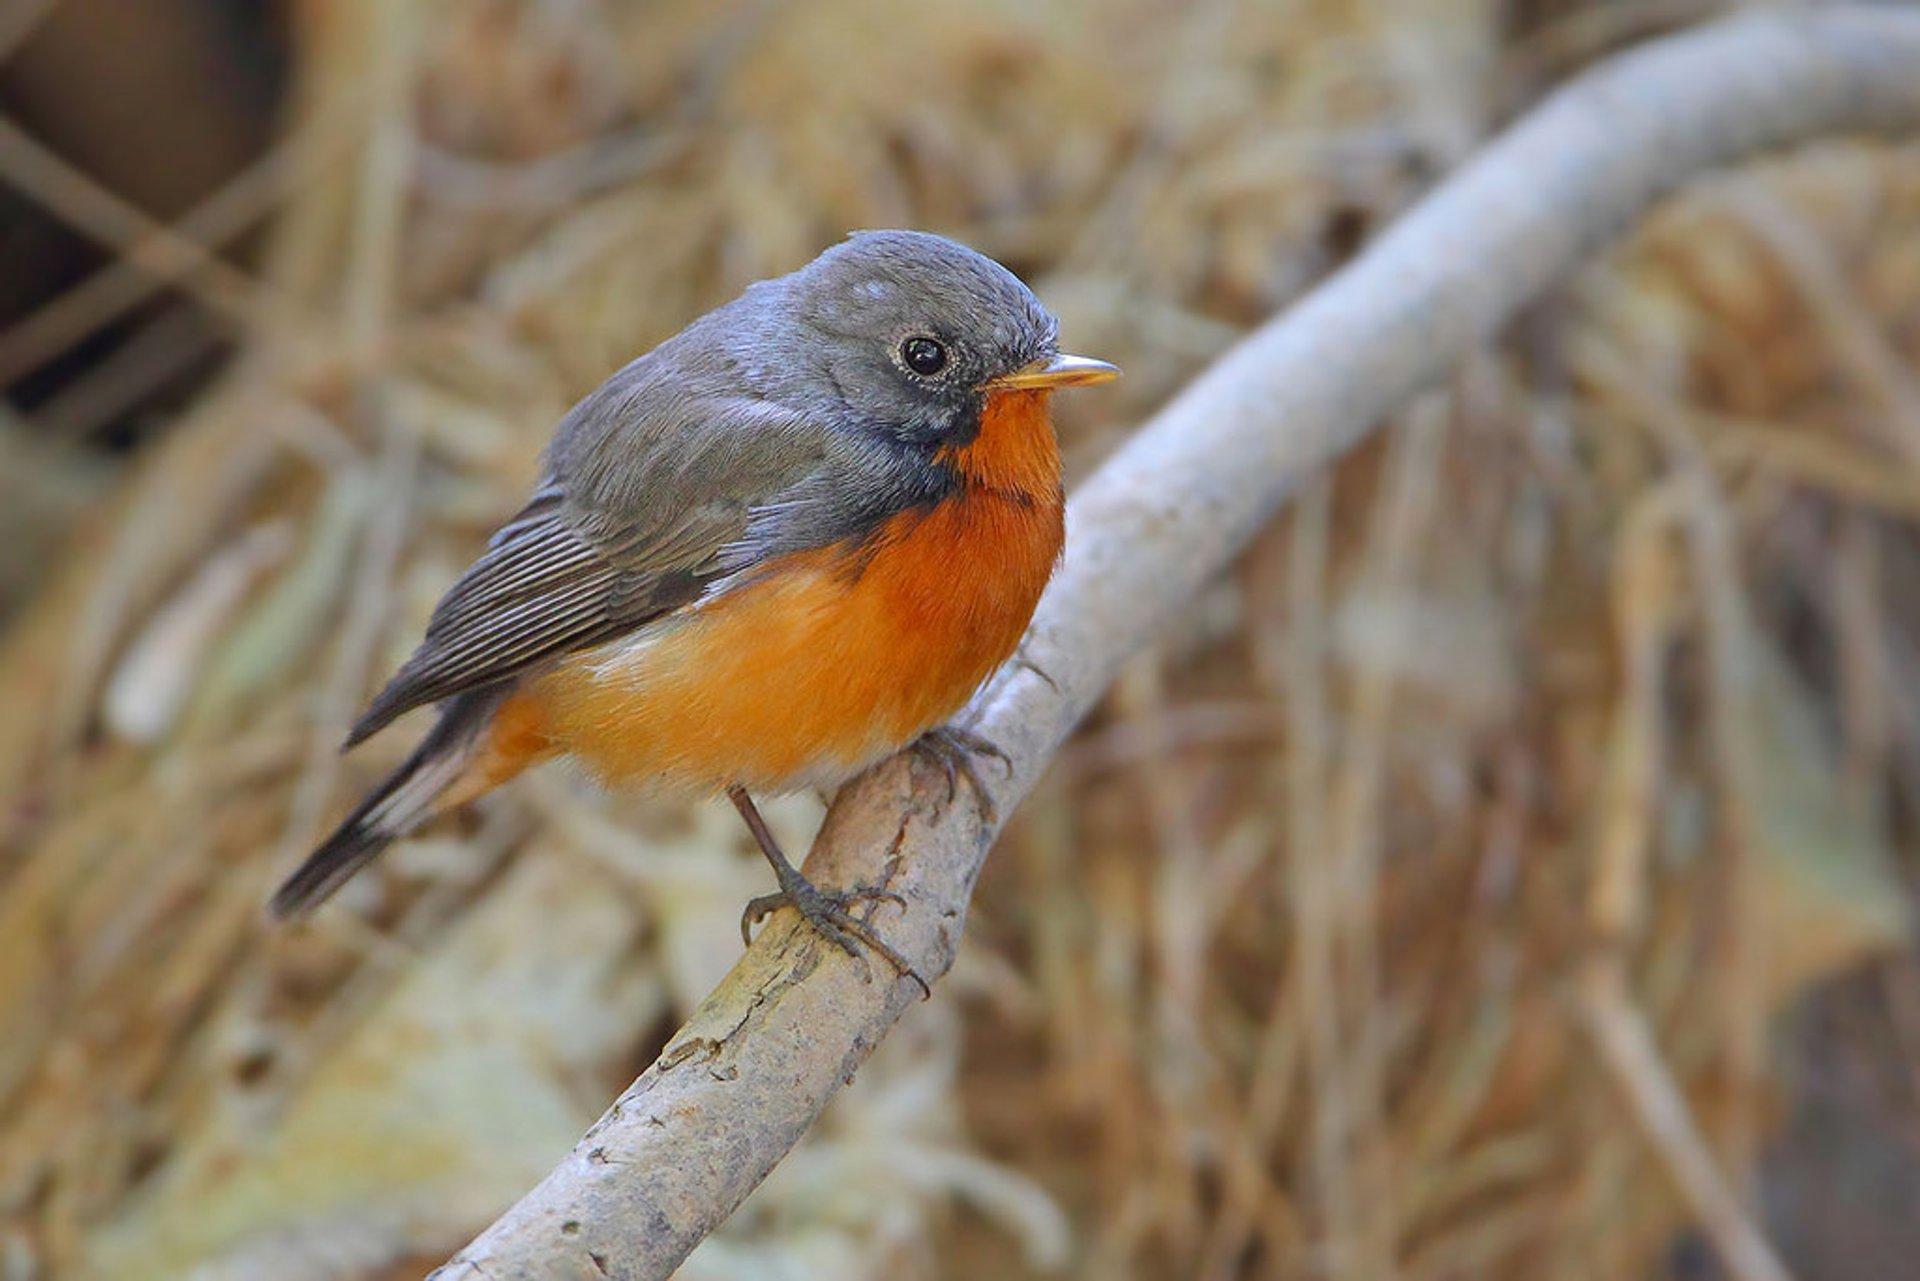 Birdwatching in Sri Lanka - Best Season